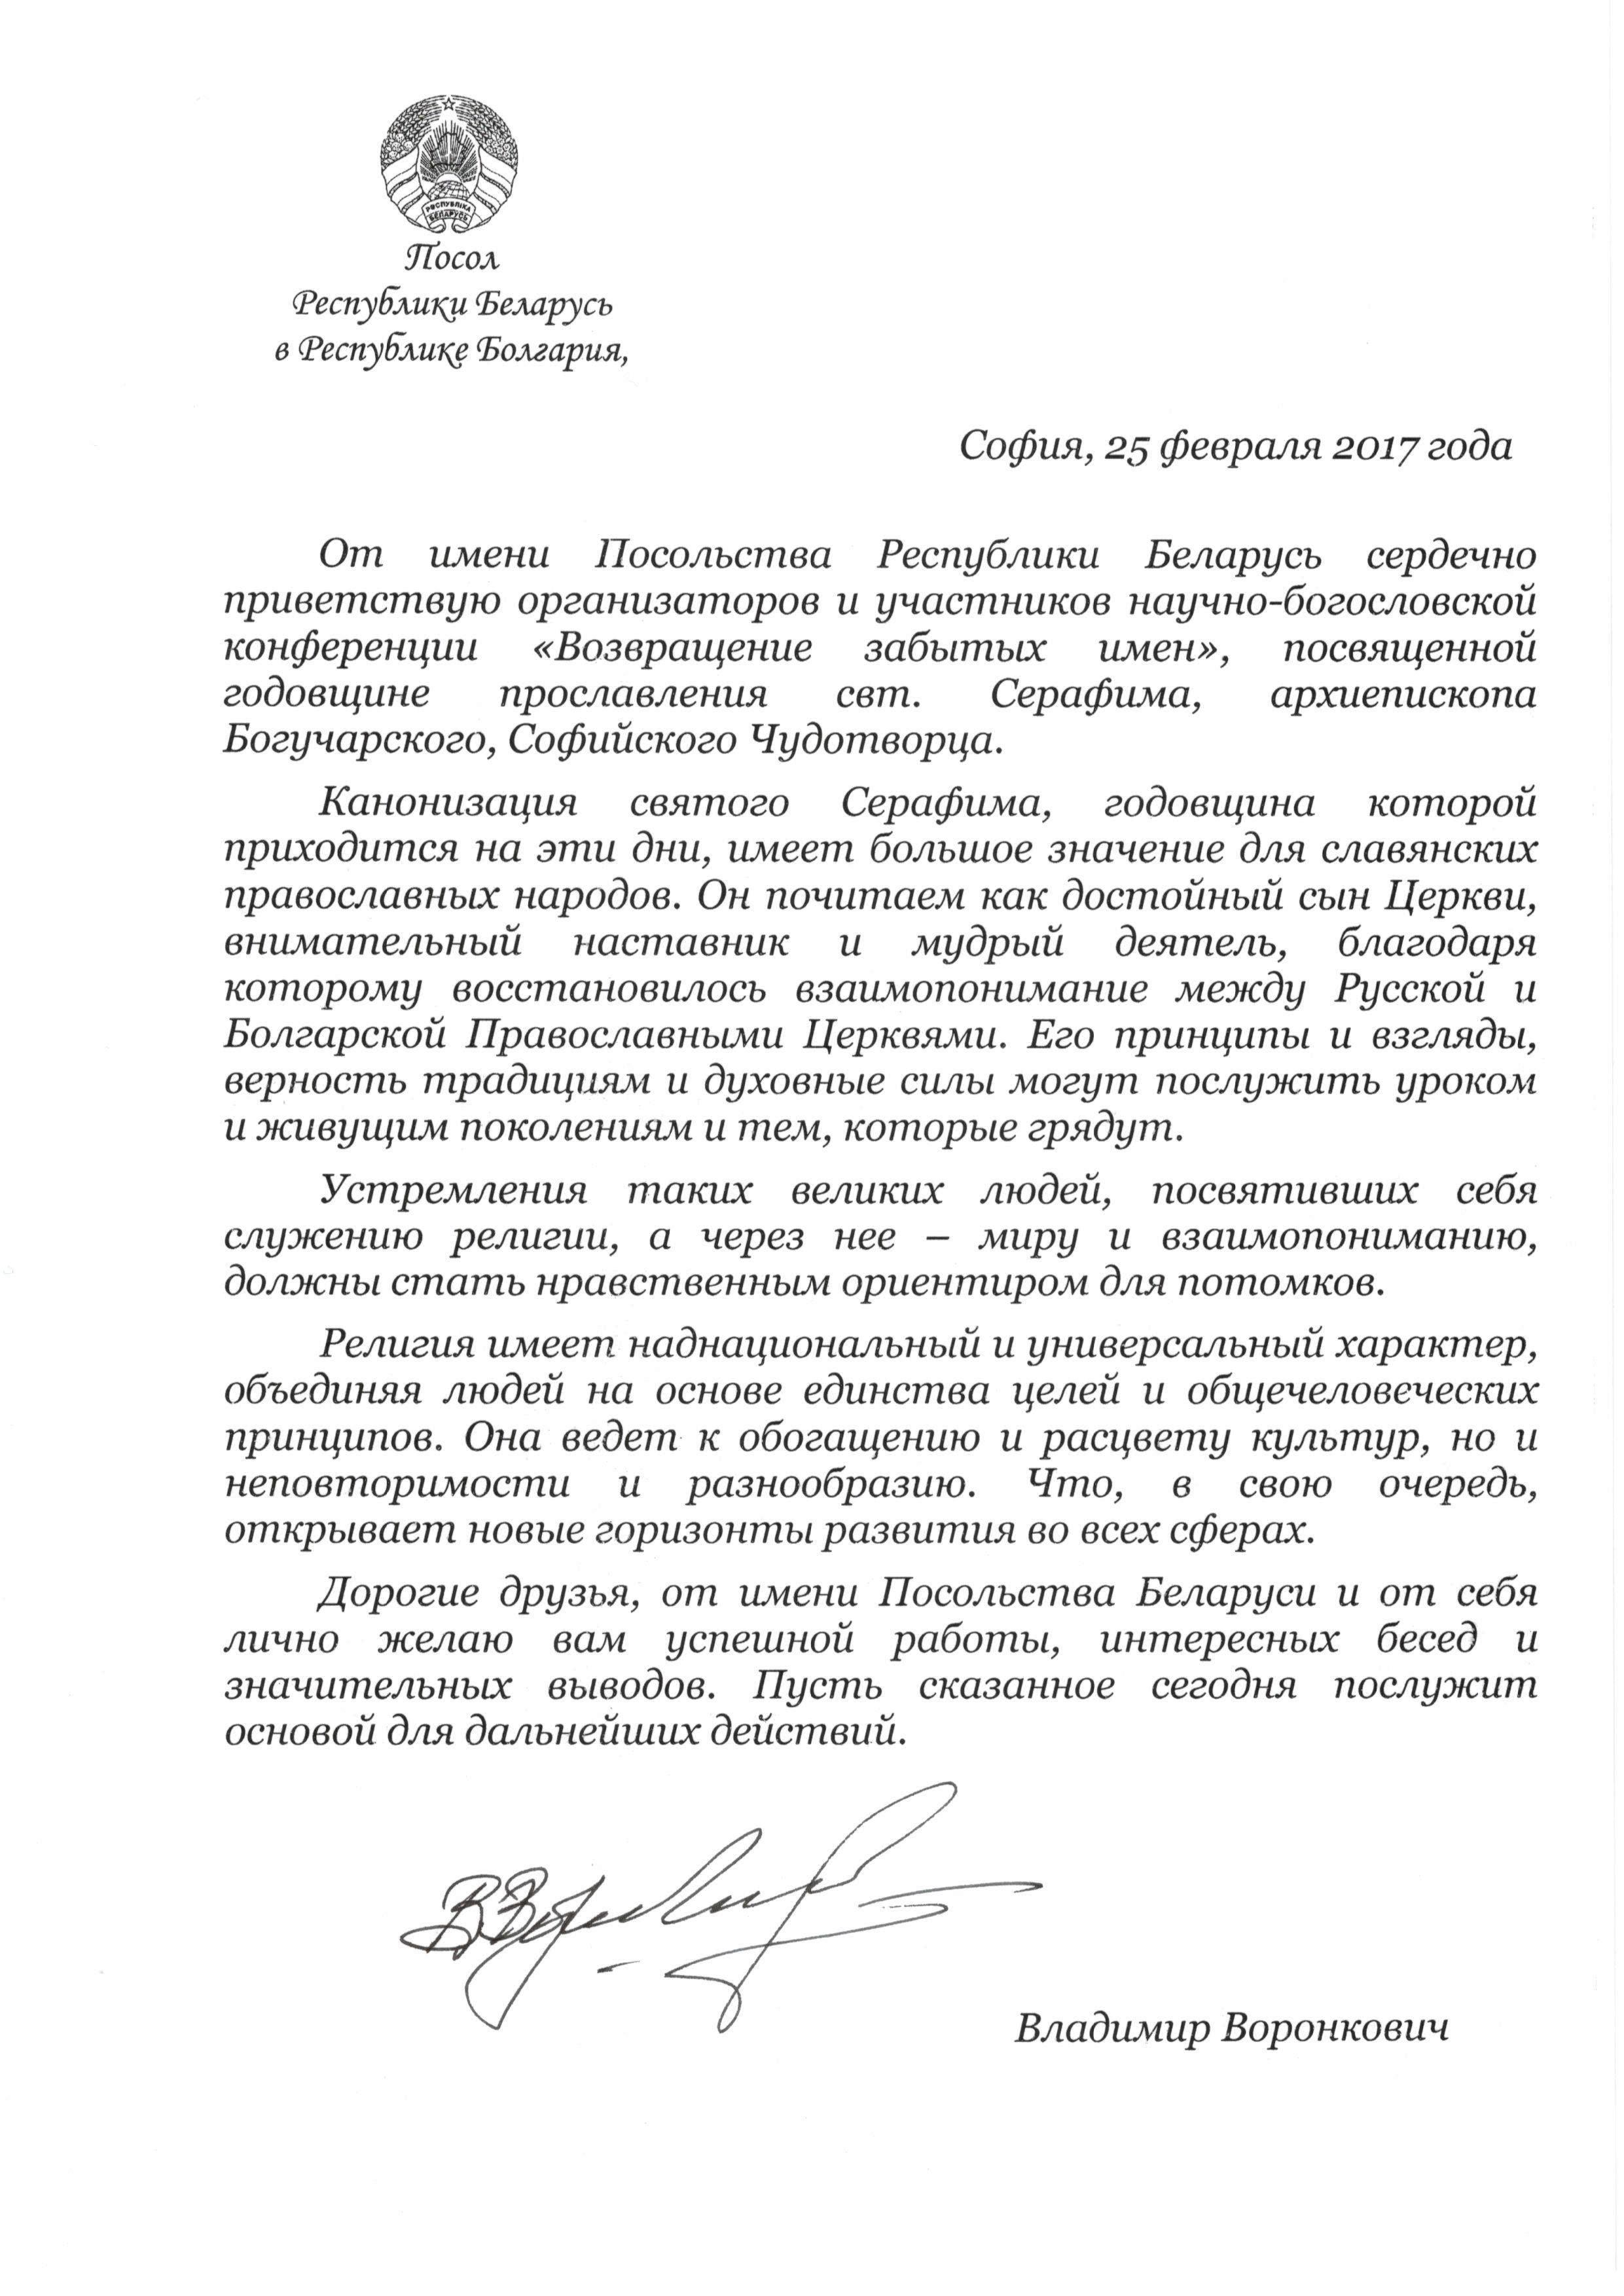 приветствие Посла Белорусии участникам конференции